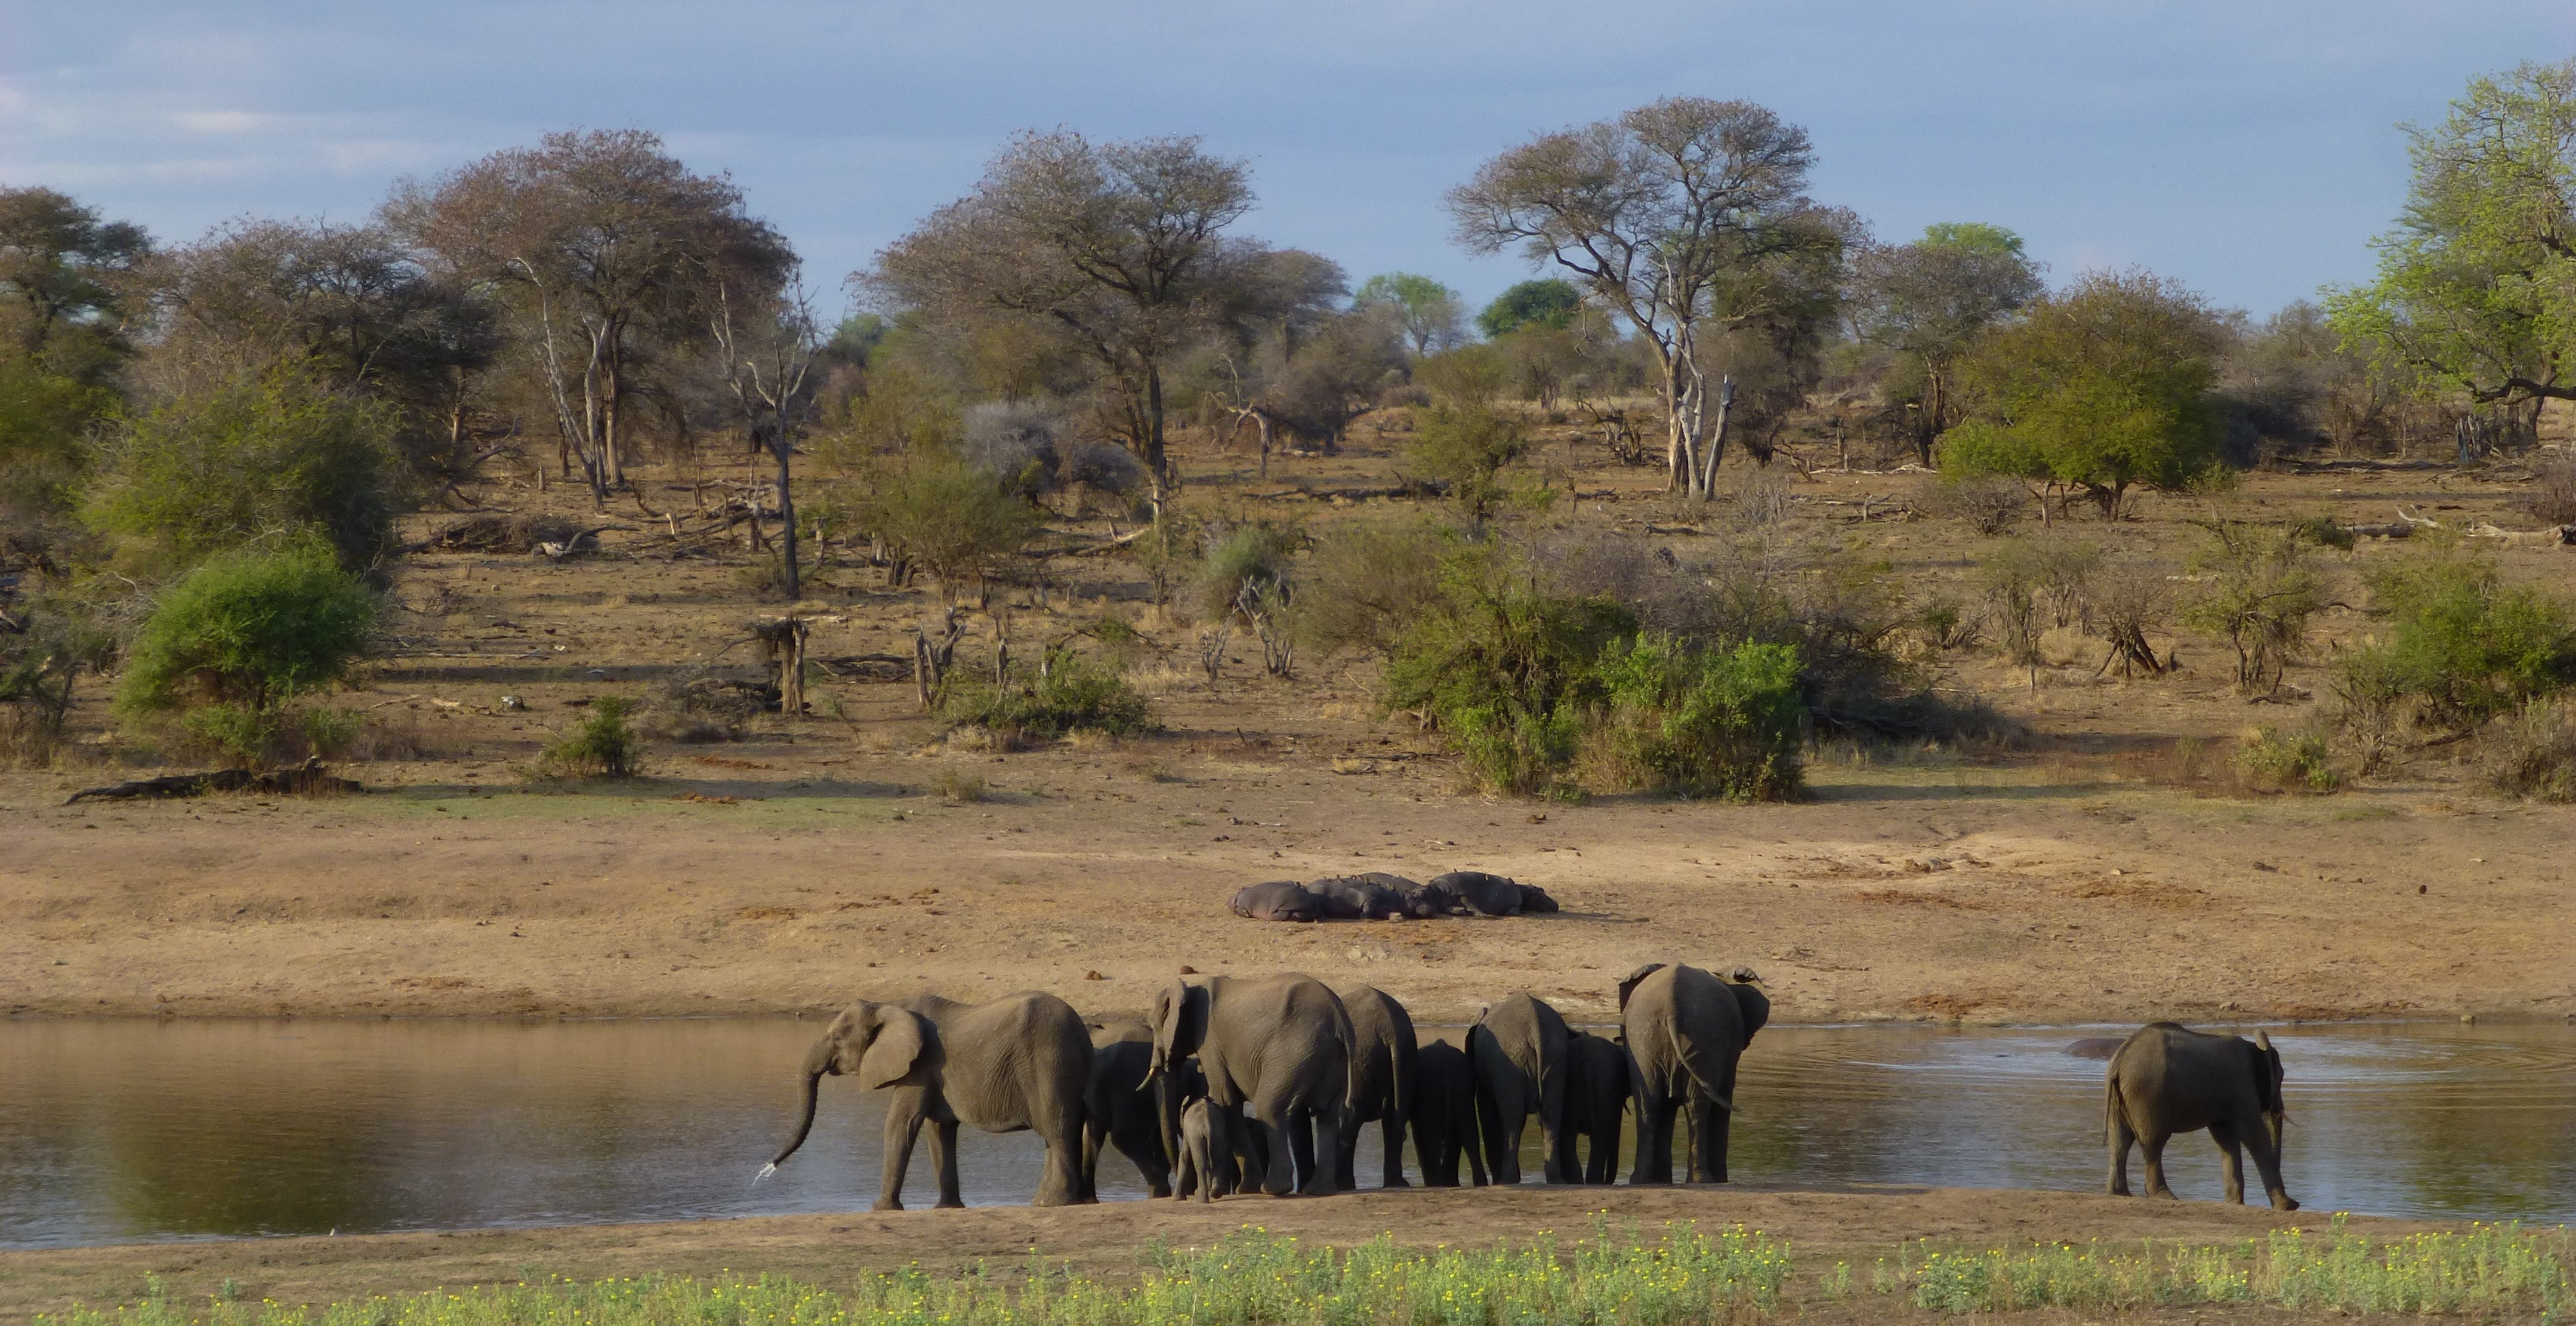 Third day of my Adventure - Safari